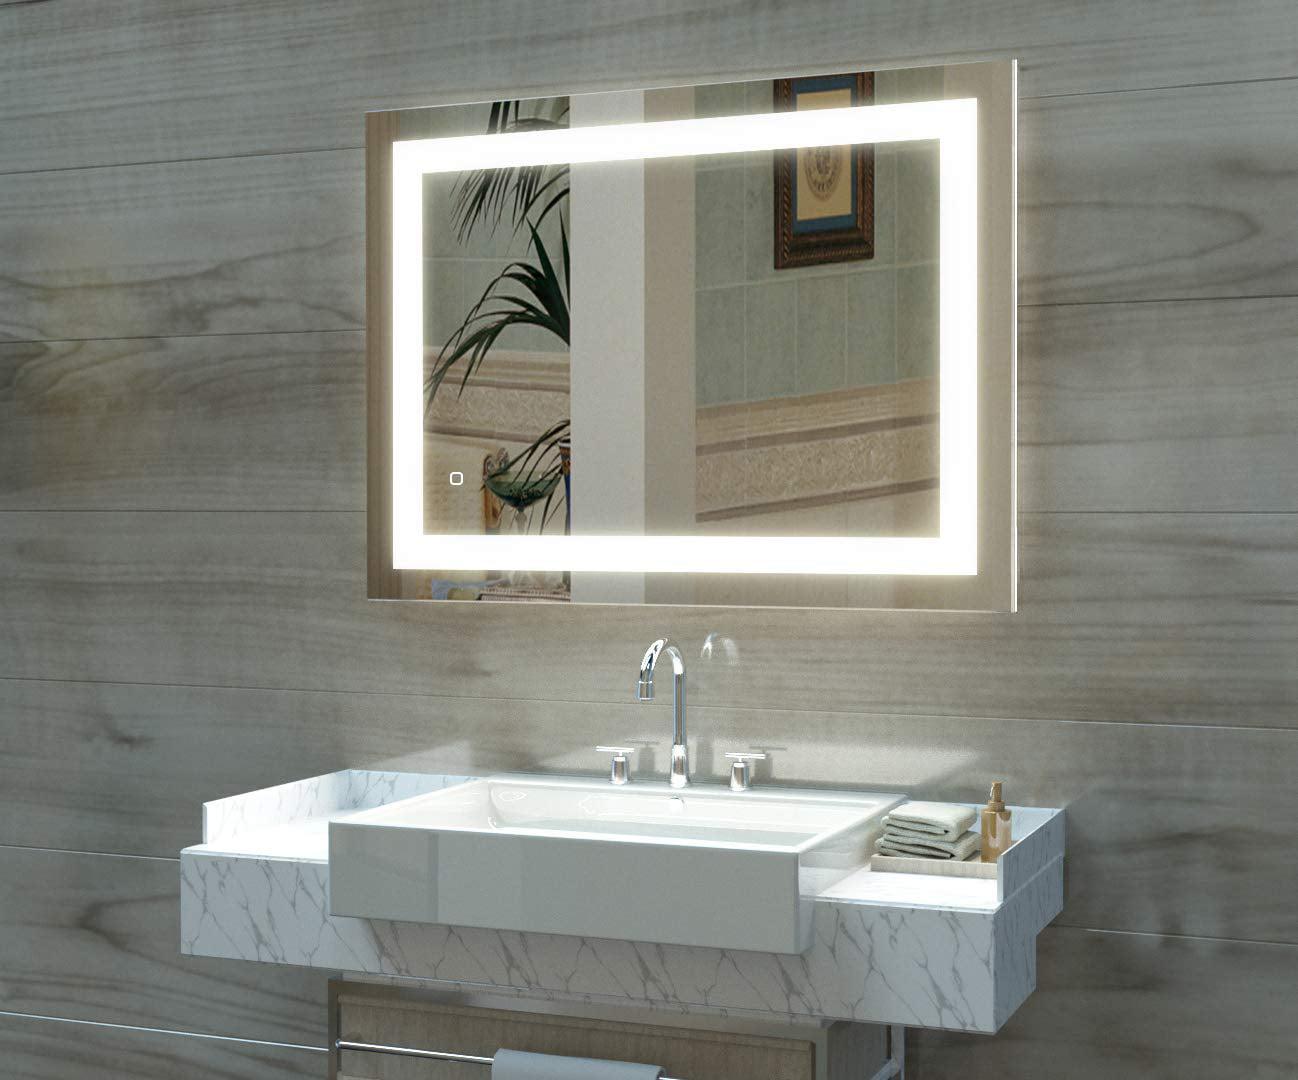 Ktaxon 32 X24 Led Lighted Bathroom Wall Mounted Mirror Vanity Or Bathroom Wall Hanging Rectangle Vertical Mirror Anti Fog Ip67 Waterproof Walmart Com Walmart Com